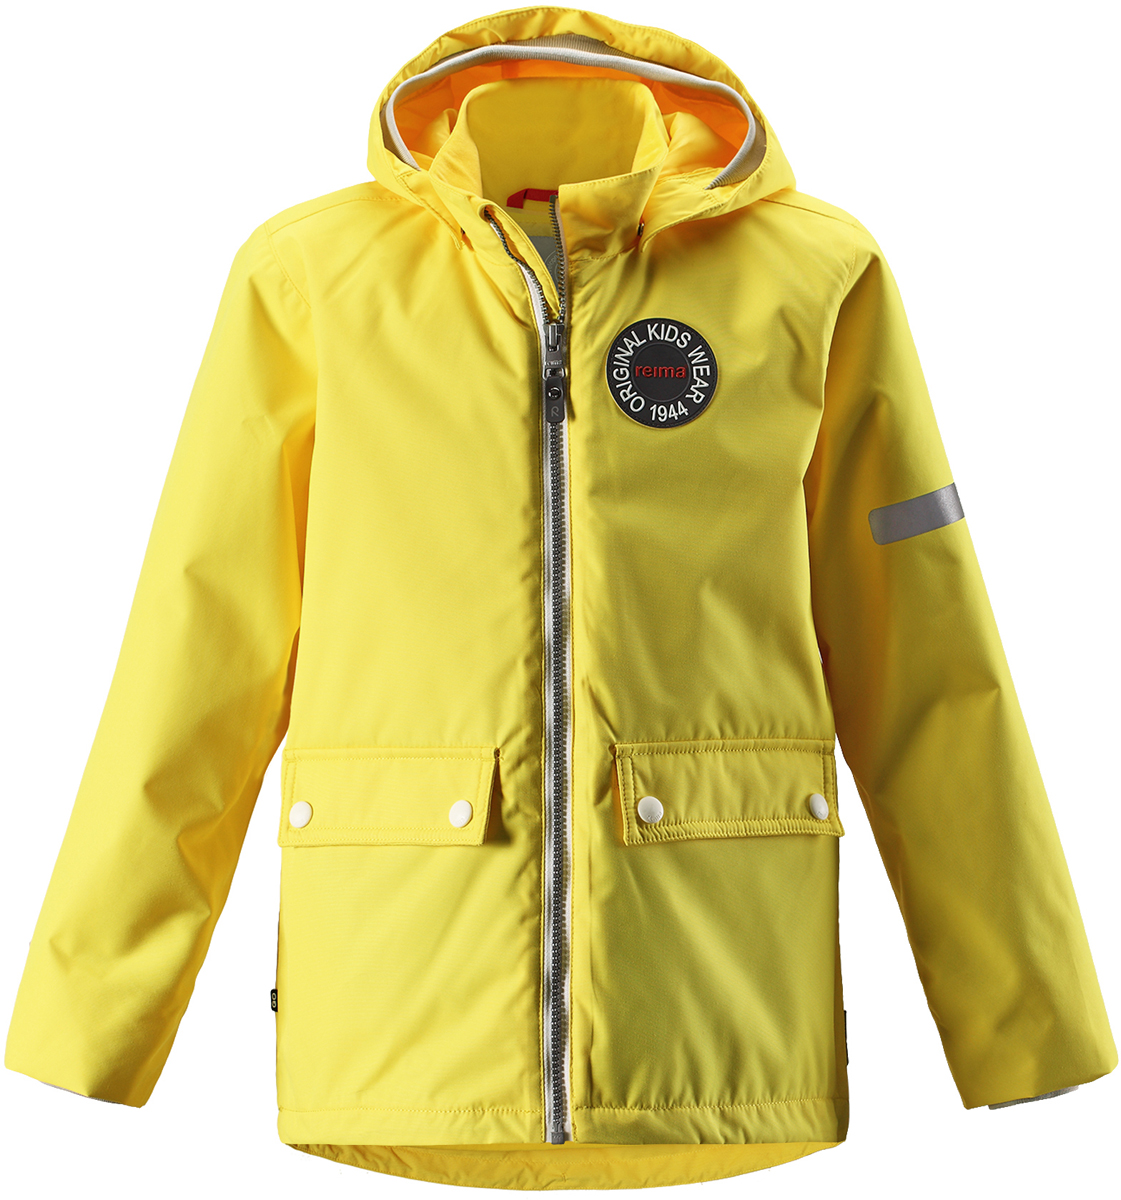 Куртка детская Reima, цвет: желтый. 5215282330. Размер 1585215282330Детская куртка Reima выполнена из полиэстера с полиуретановым покрытием. Модель с воротником стойкой и съемным капюшоном застегивается на застежку-молнию. Капюшон пристегивается с помощью кнопок. Спереди расположены прорезные карманы с клапанами на кнопках. Низ рукавов дополнен трикотажными манжетами. Куртка оснащена съемной утепленной жилеткой. Изделие имеет светоотражающие элементы.